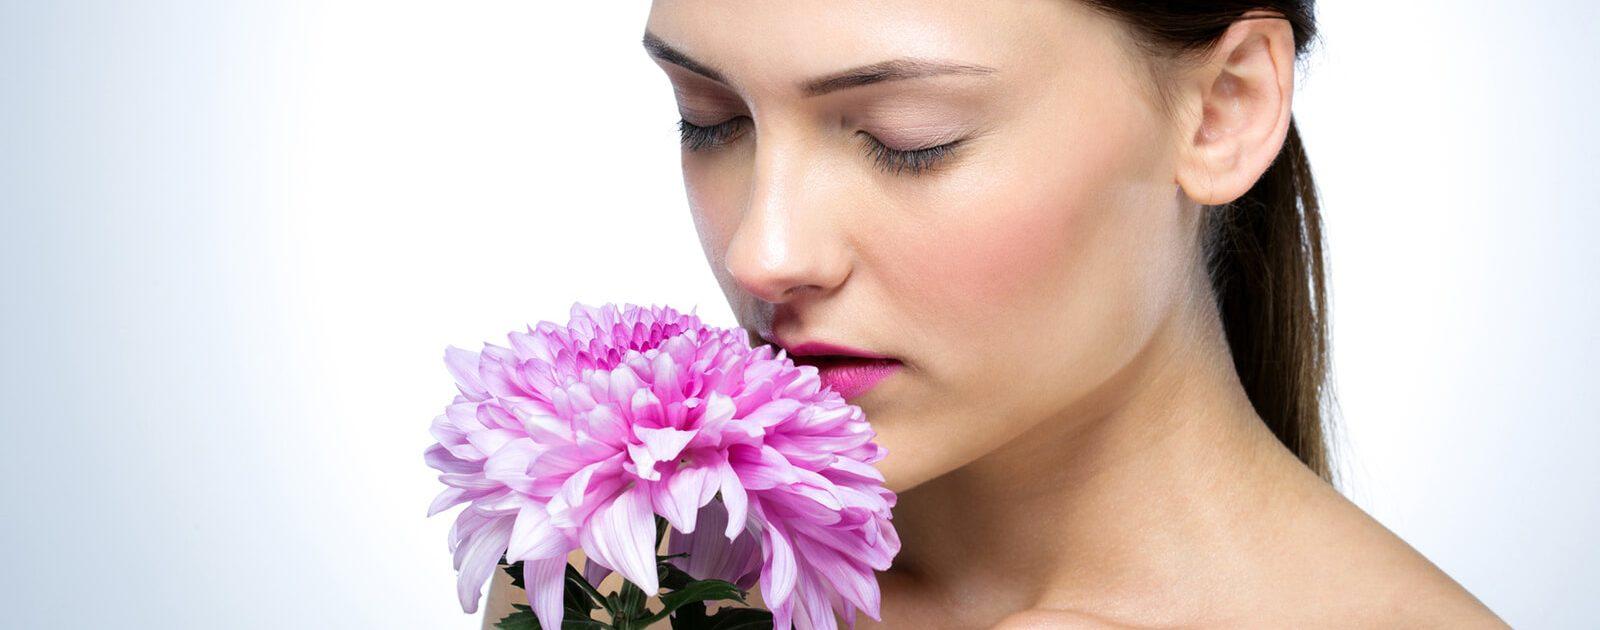 Bei Nasenkrankheiten kann der Blumenduft nicht mehr richtig wahrgenommen werden.